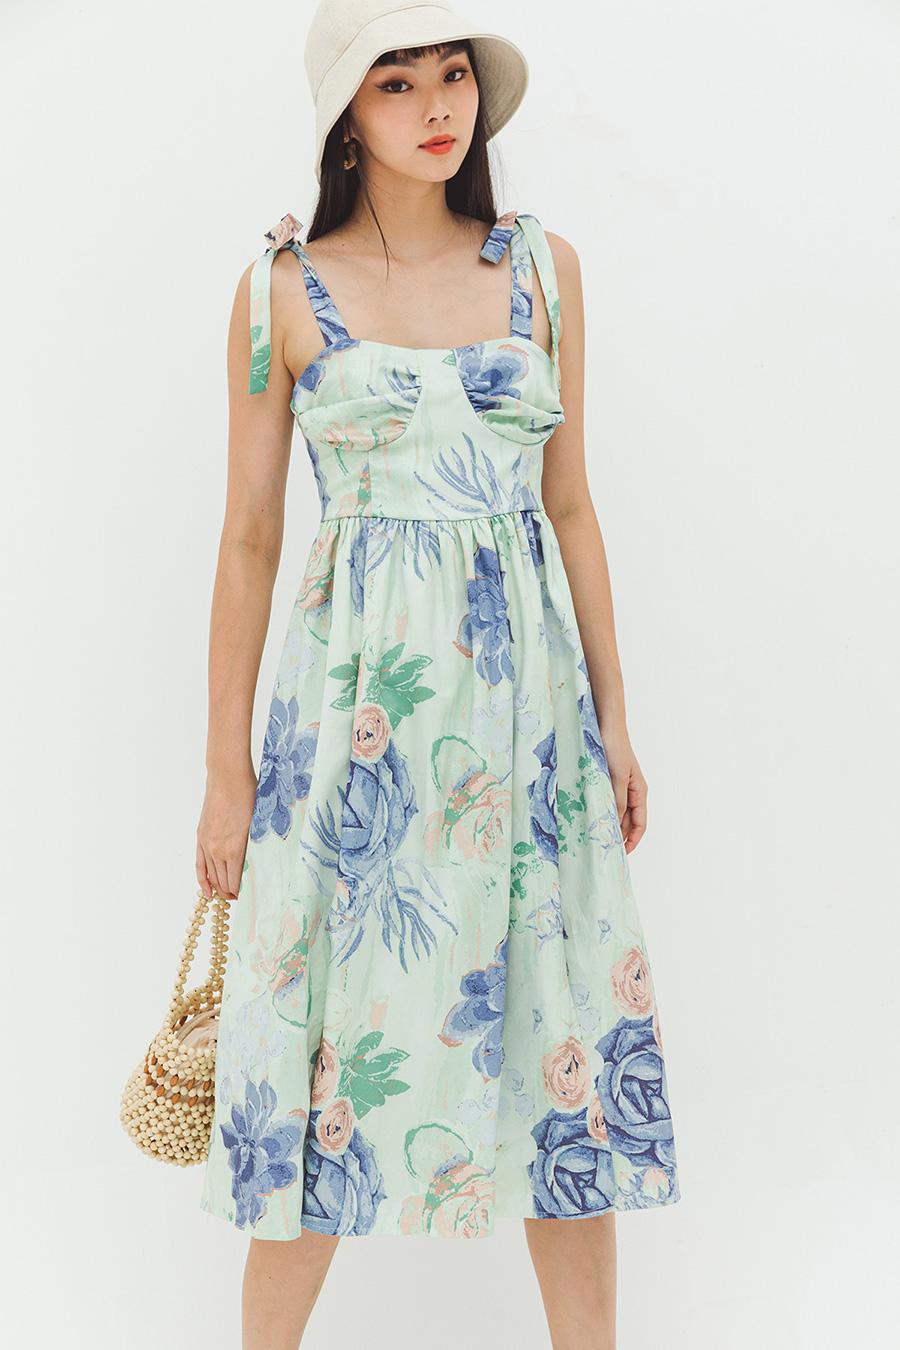 JEANNIN DRESS - MINT FLEUR